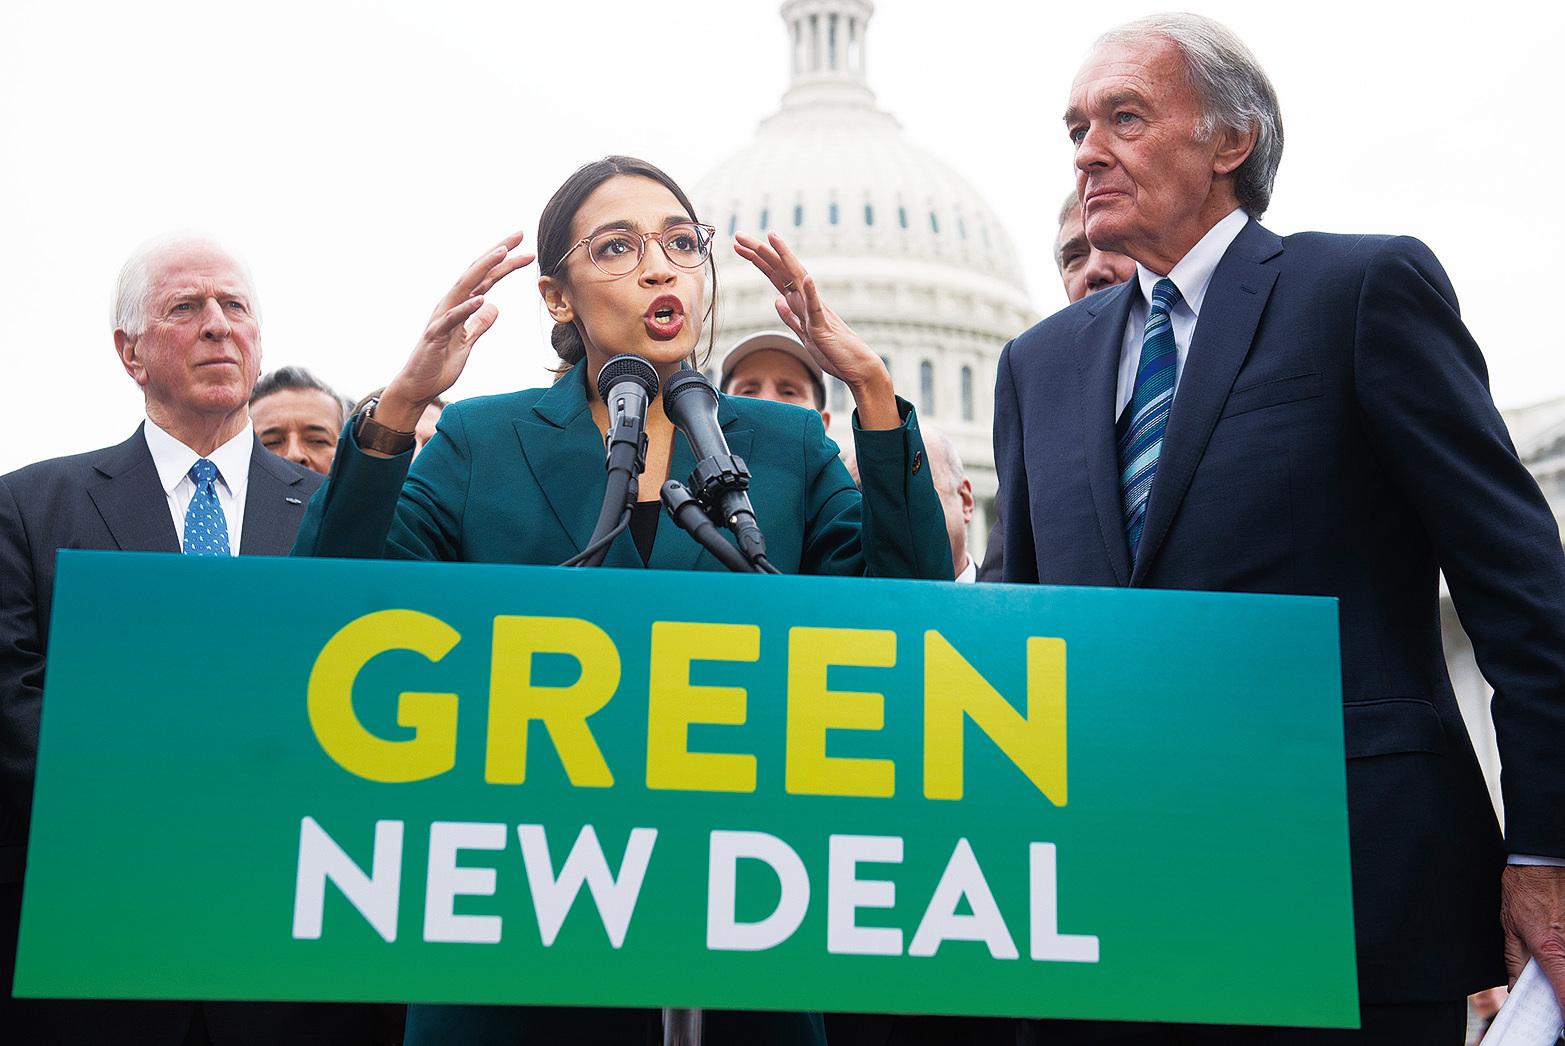 民主黨新人眾議員奧卡西奧科提斯(中),因為建議徵收高達70%的稅來為綠色新政提供資金,引發了大量的批評聲音,因為這個提議將花費美國納稅人高達93萬億美元的資金。(Getty Images)